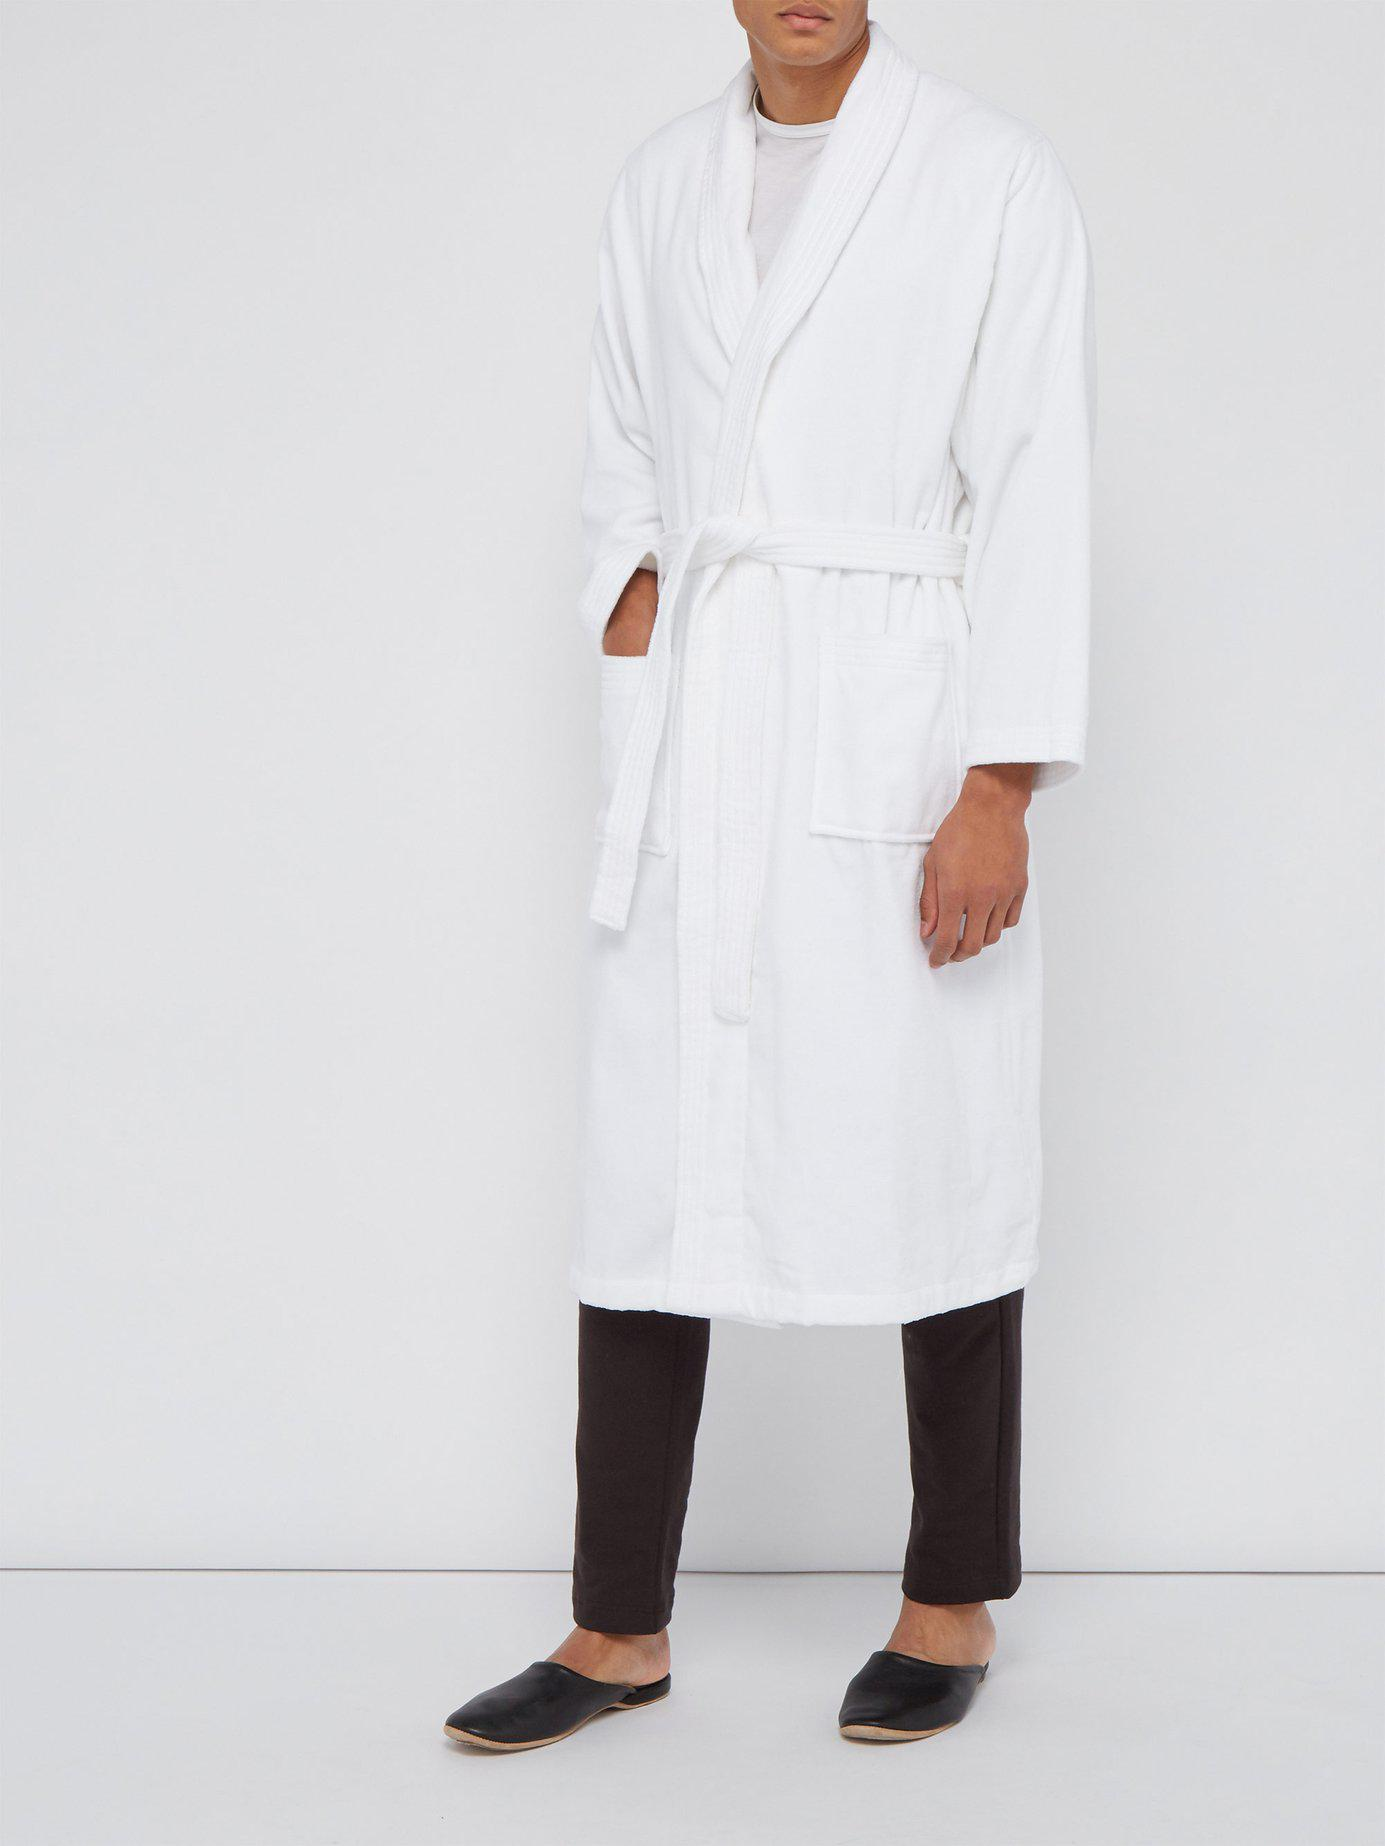 Derek Rose Cotton Velour Bathrobe in White for Men - Lyst 825520ab3